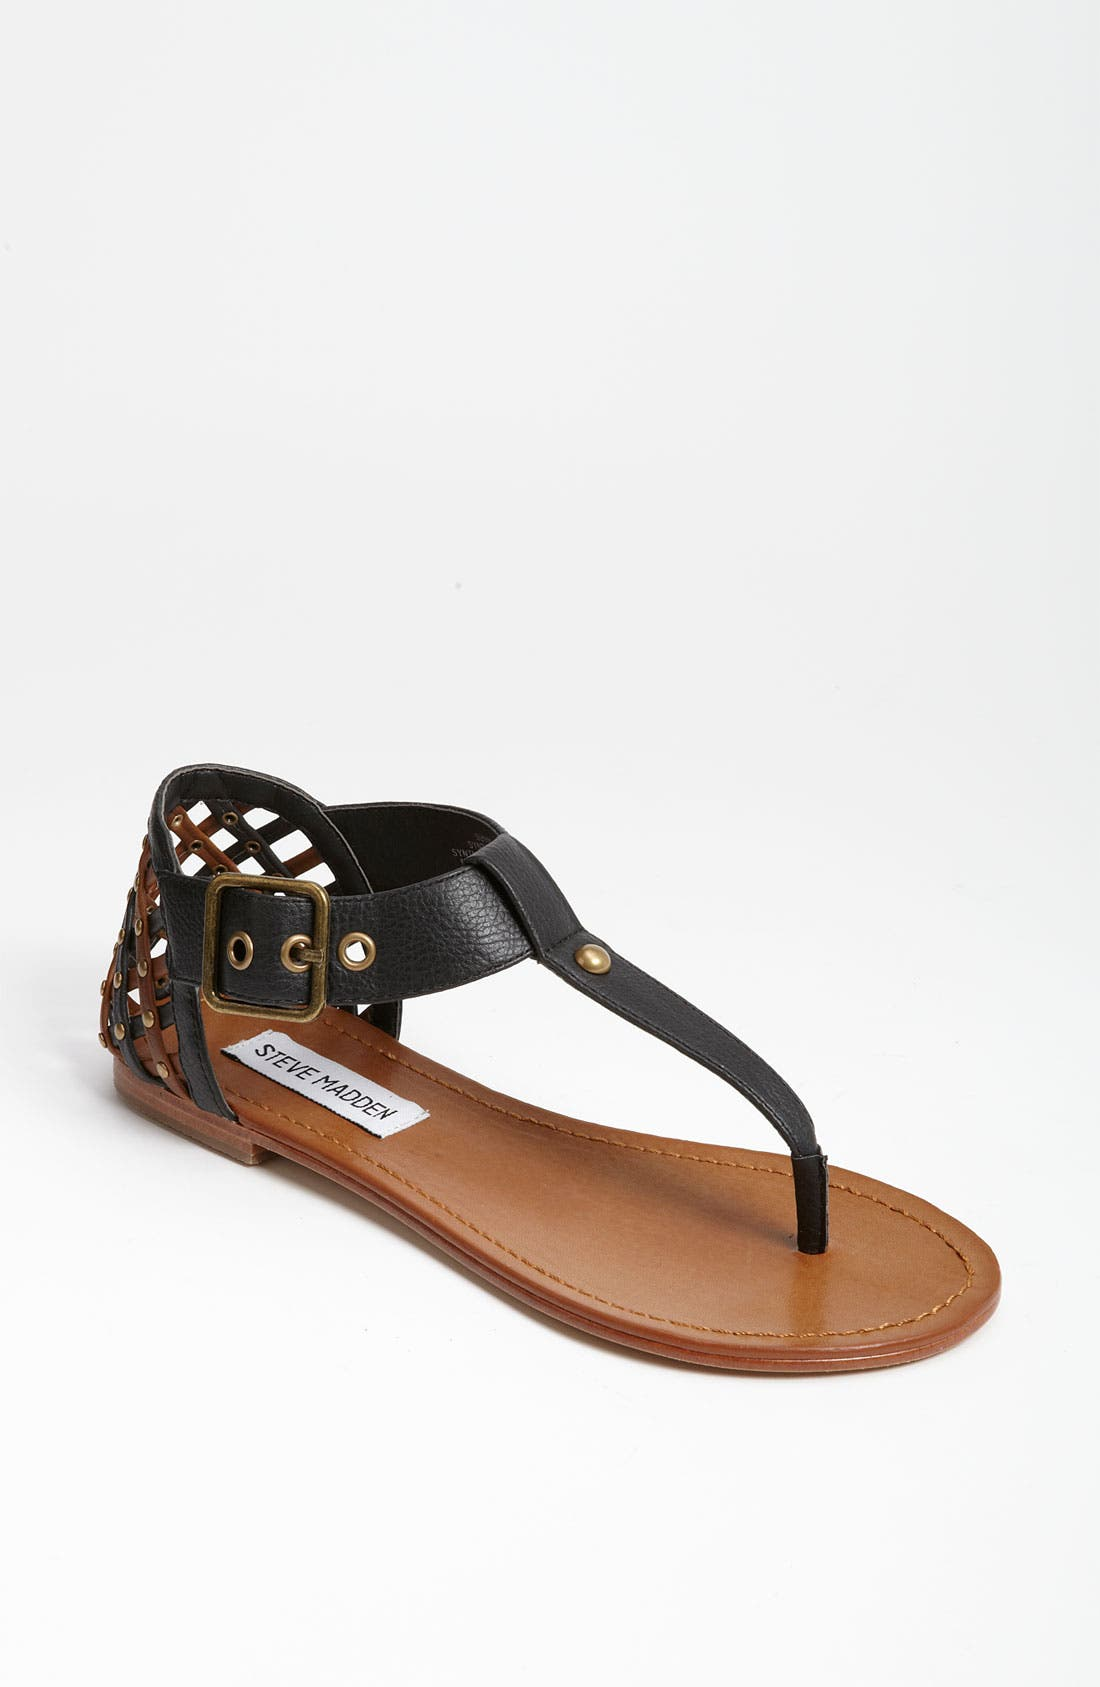 STEVE MADDEN 'Sutttle' Sandal, Main, color, 015